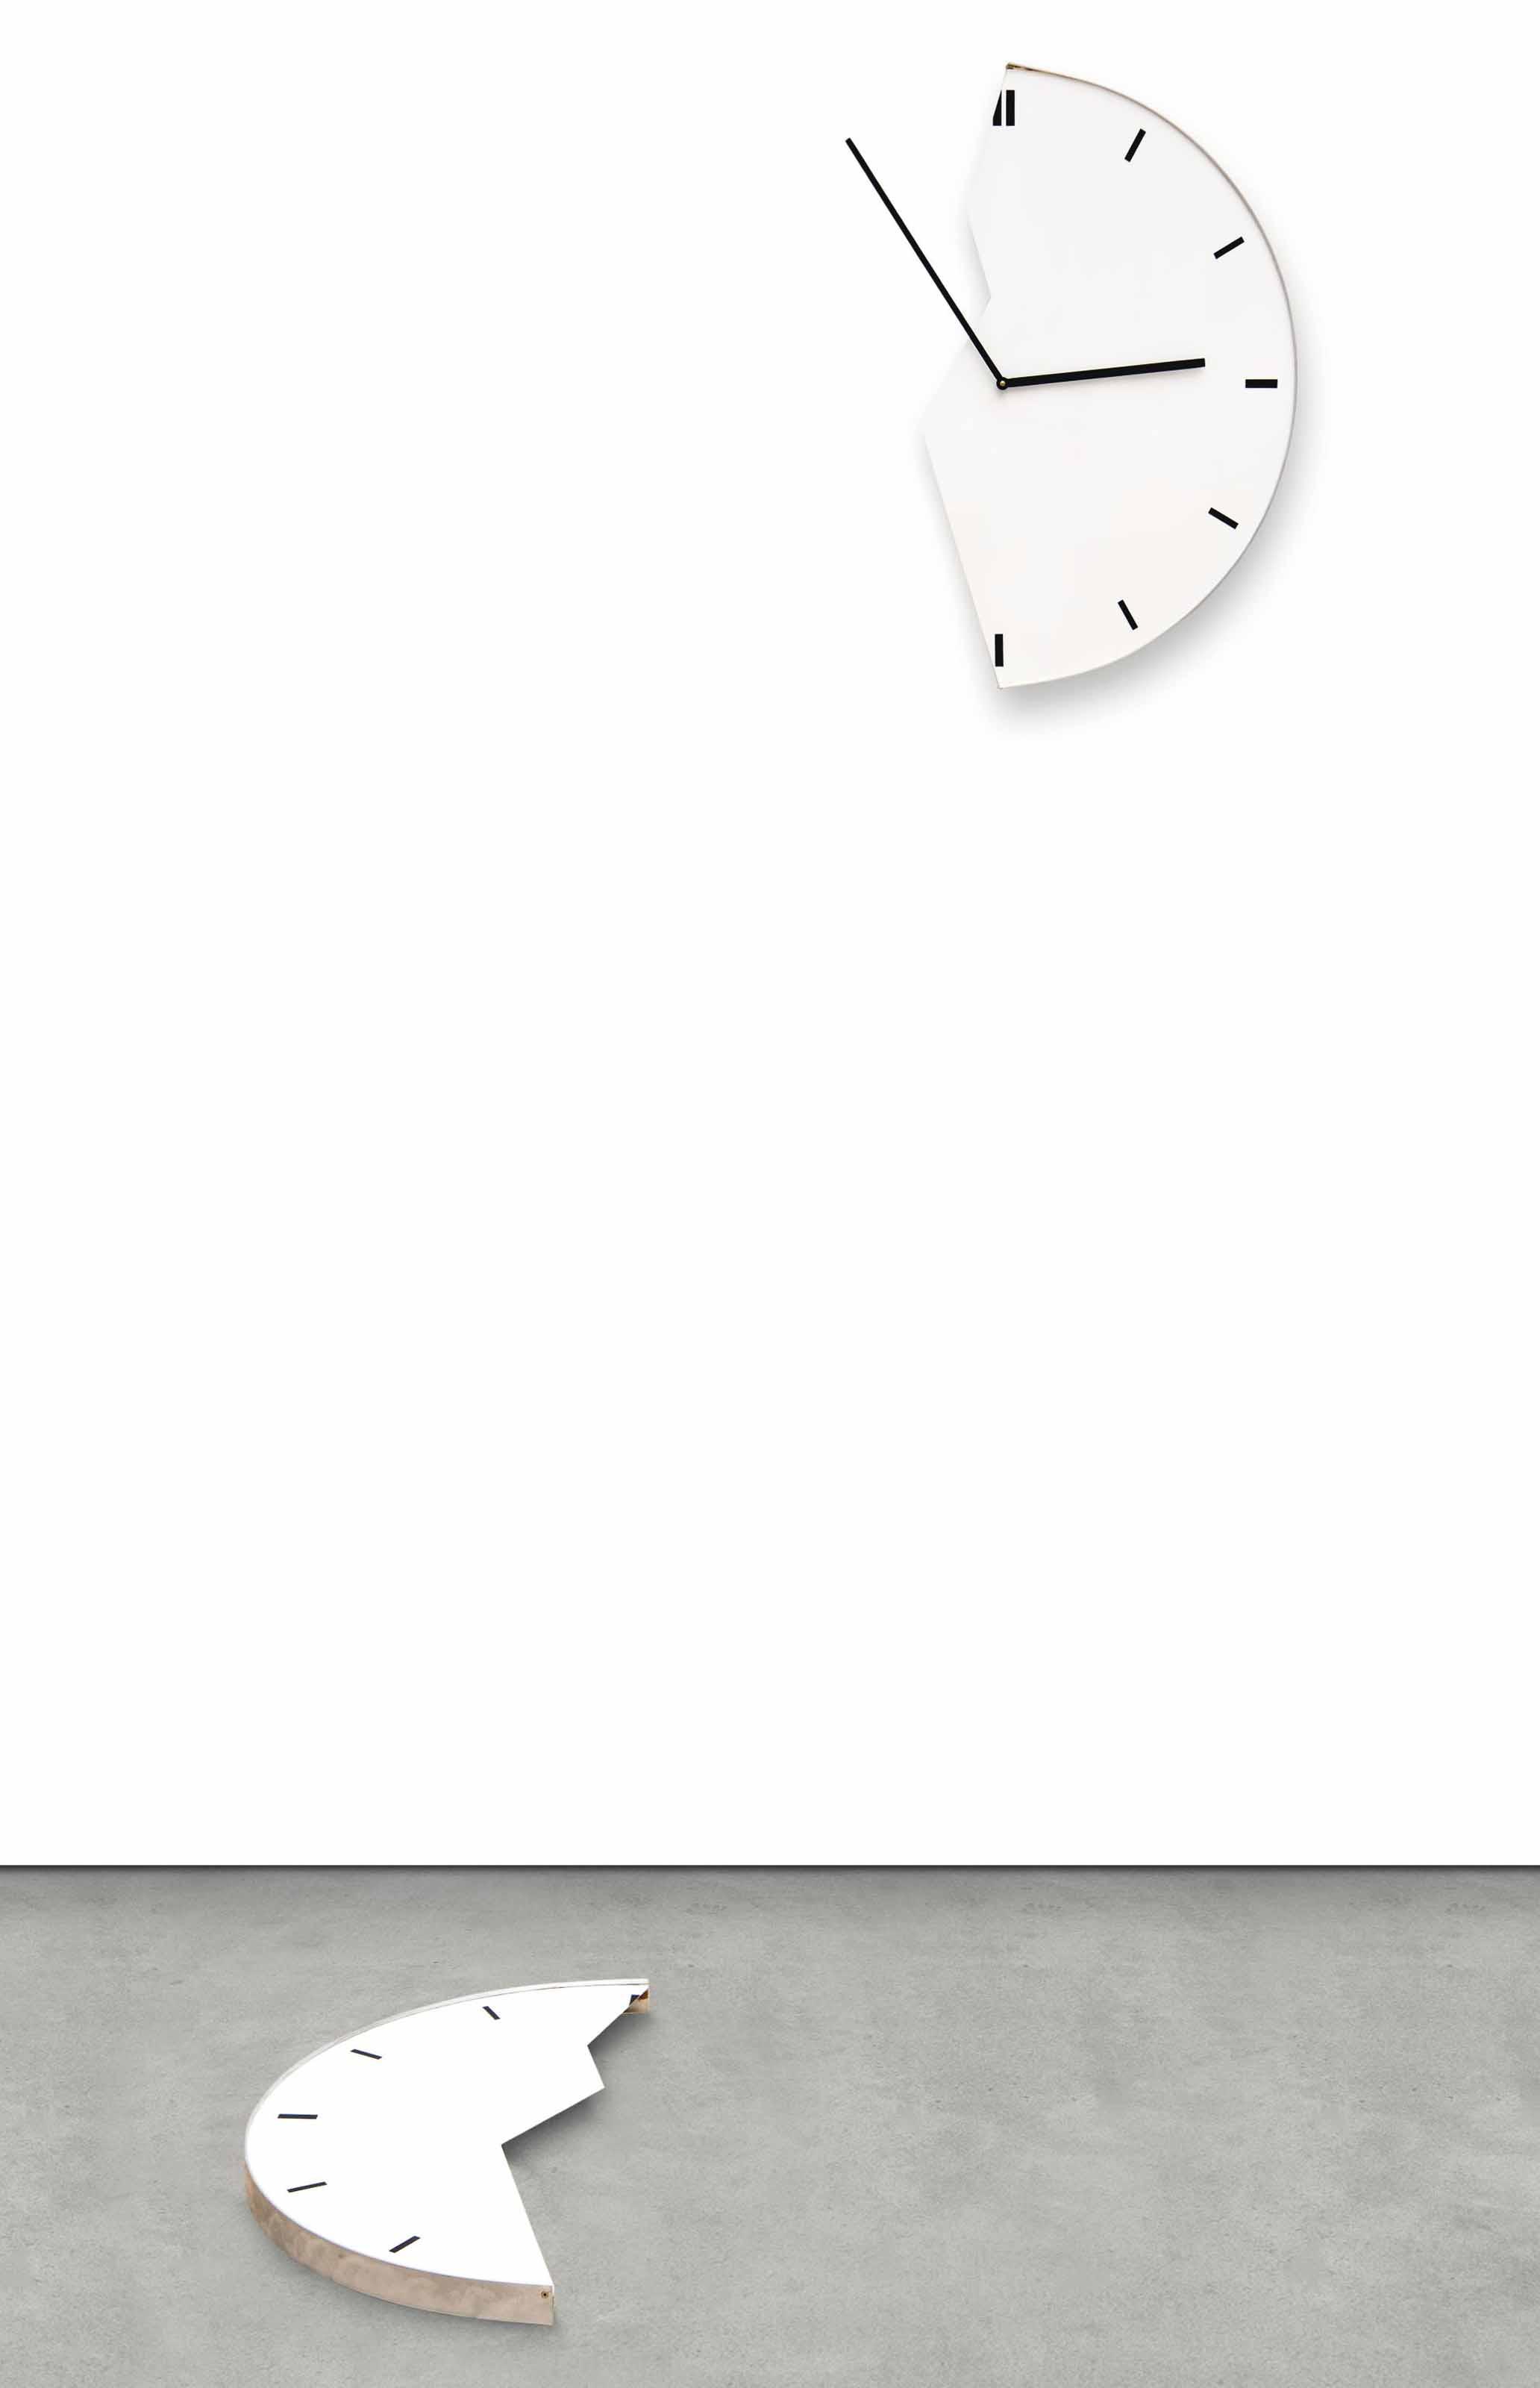 Broken Clock / Powerless Structures, Fig. 245